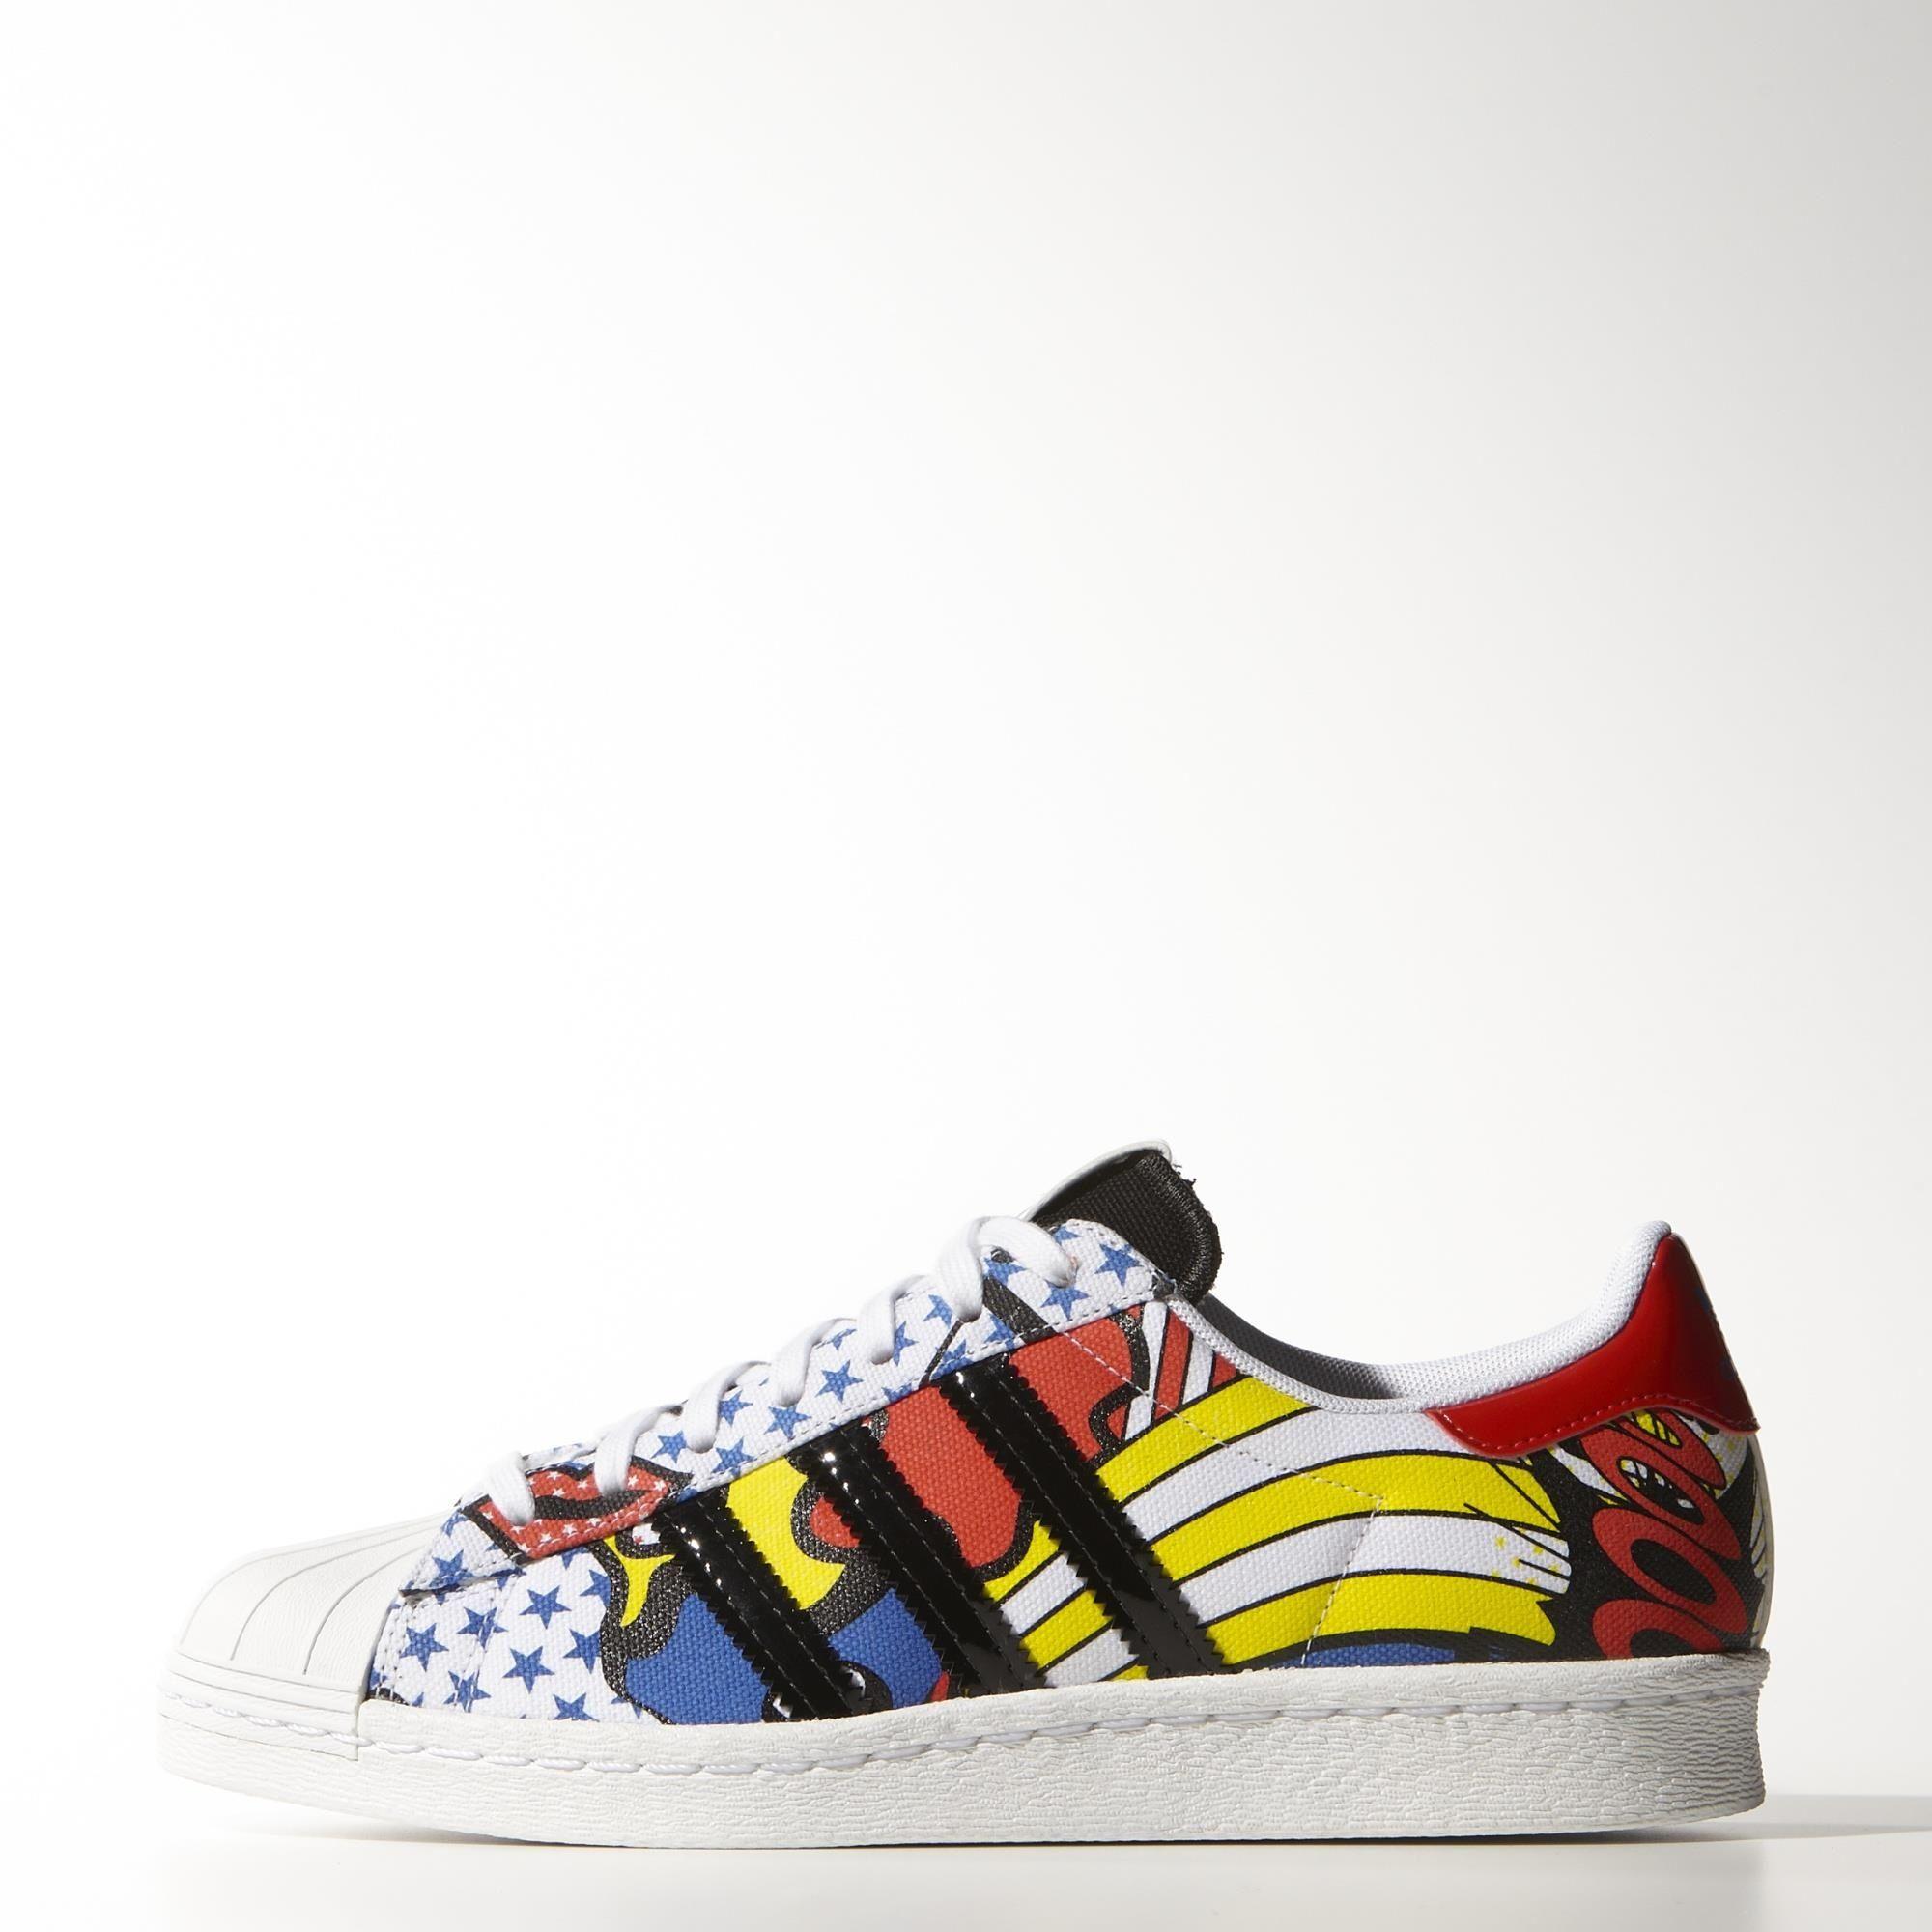 Húmedo servidor tortura  adidas Superstar 80s Shoes | adidas US | Adidas boots, Adidas shell toes, Adidas  superstar 80s